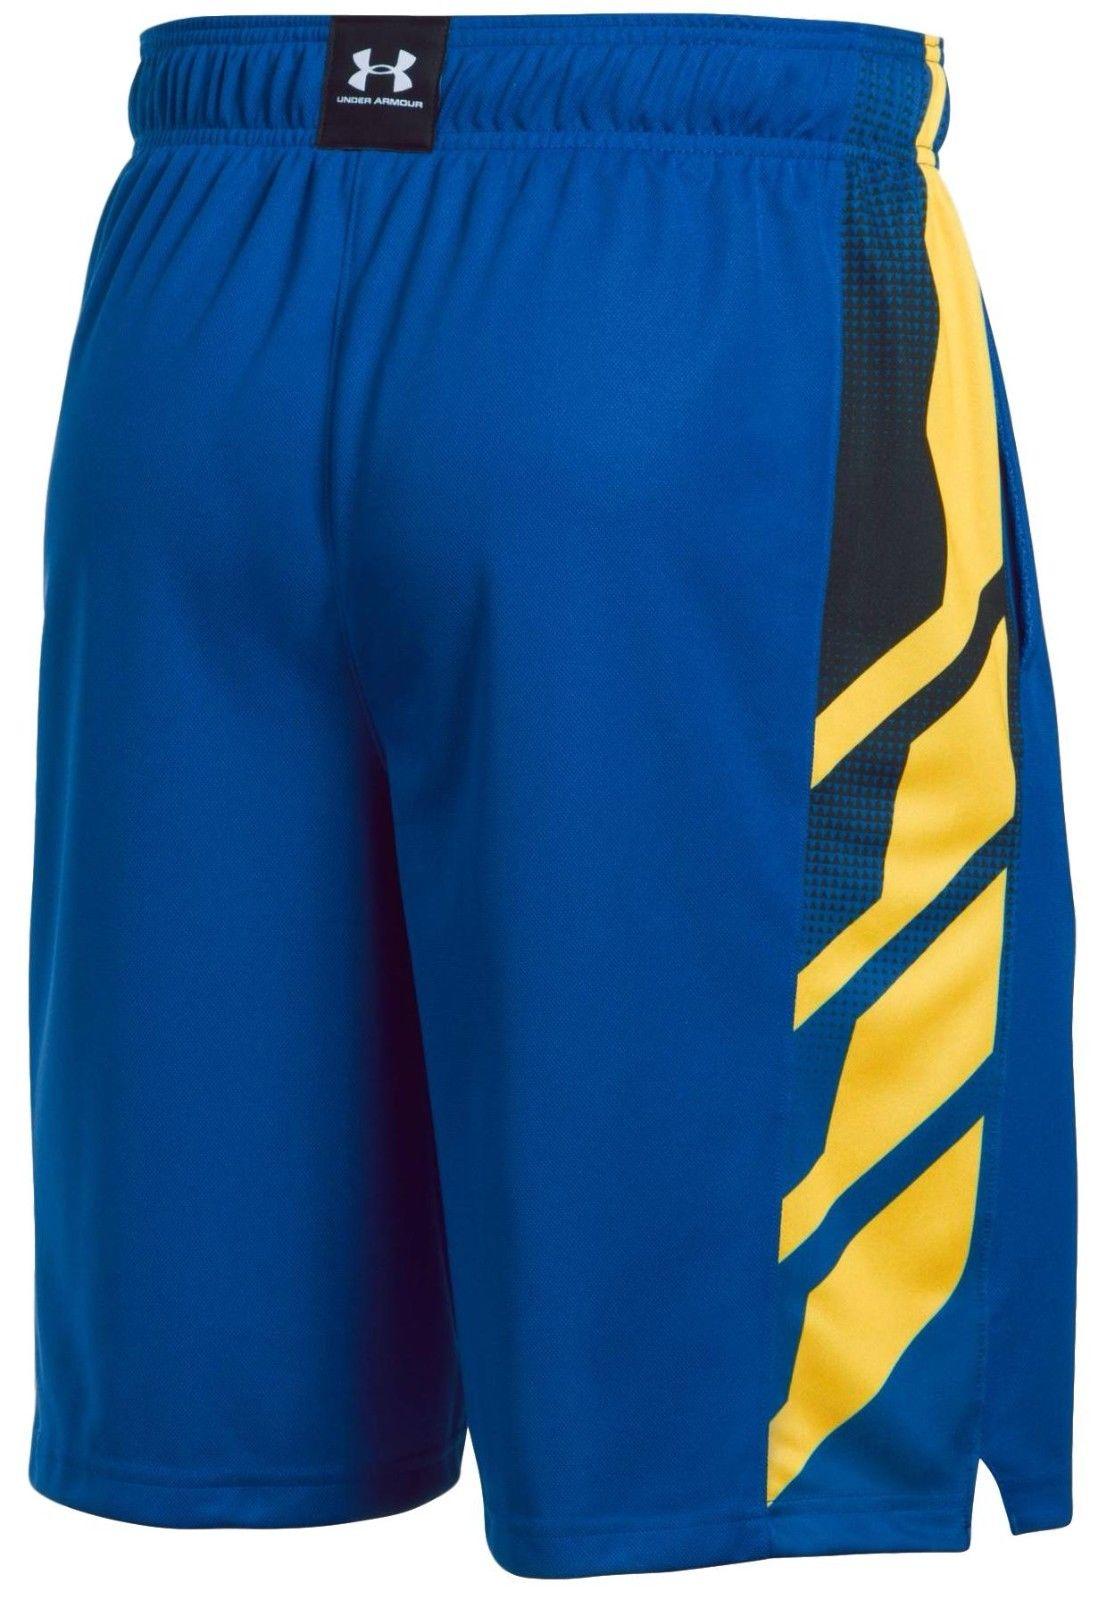 6-9 Under Armour Set Boy/'s Basketball Shirt Shorts 0-3 9-12 Months